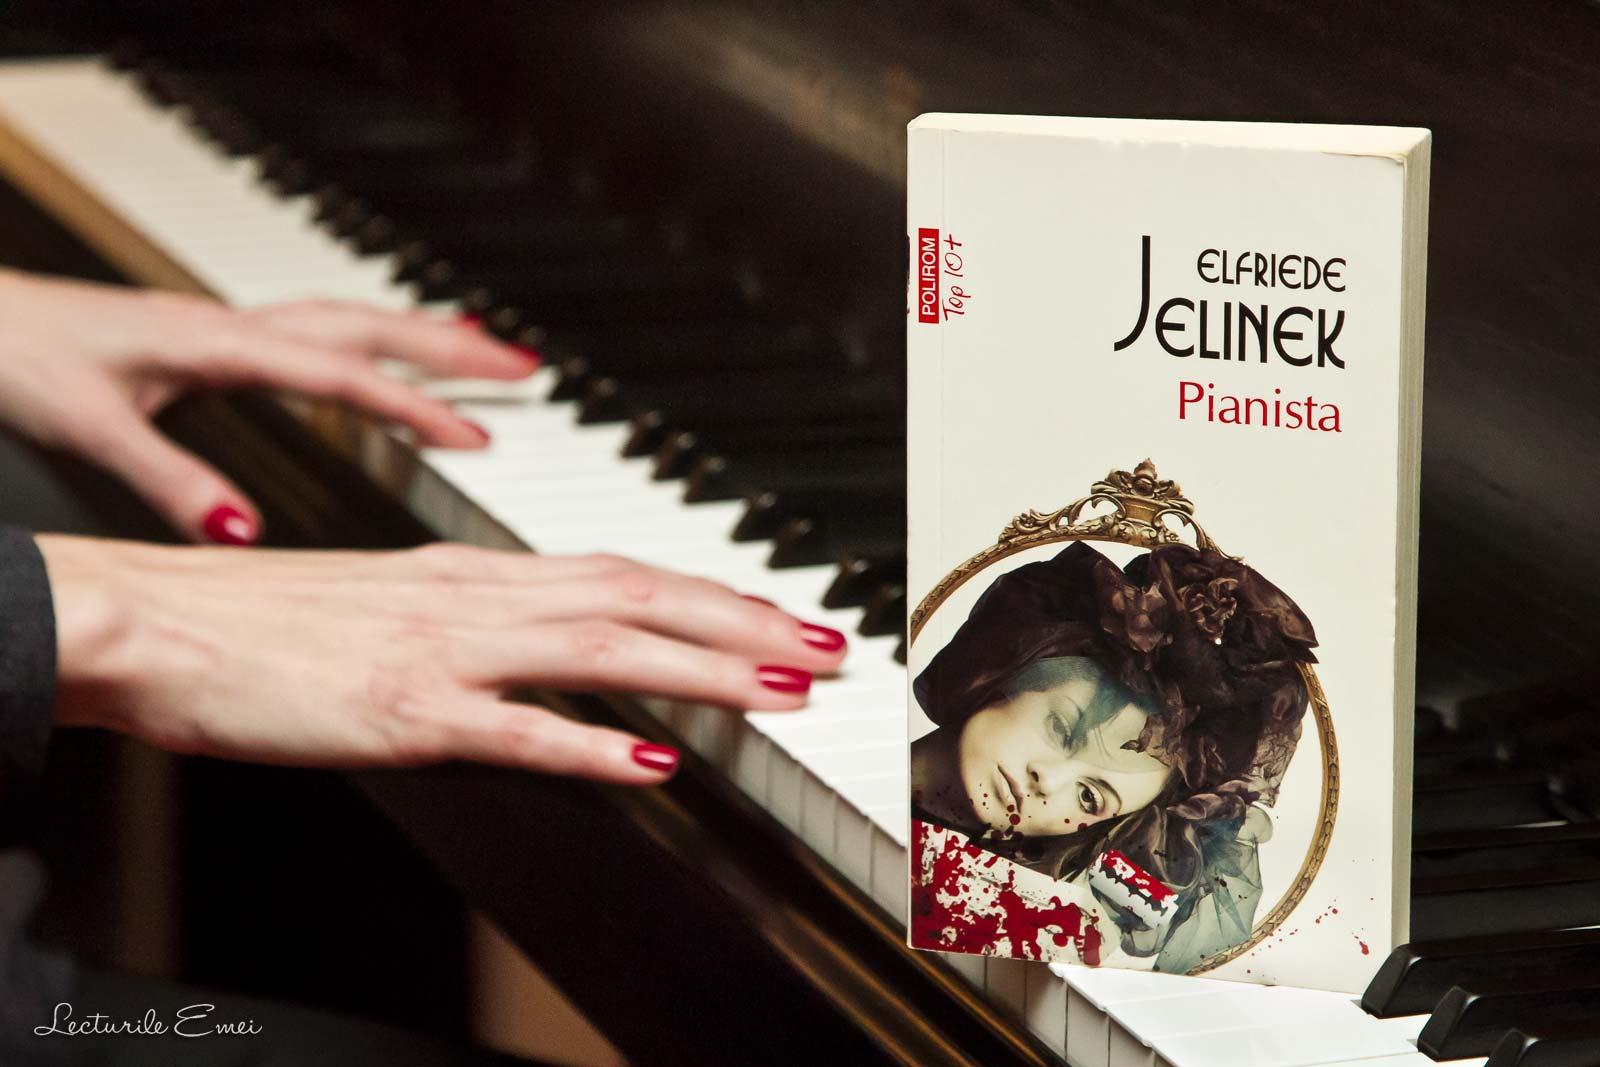 recenzie Pianista de Elfriede Jelinek carte